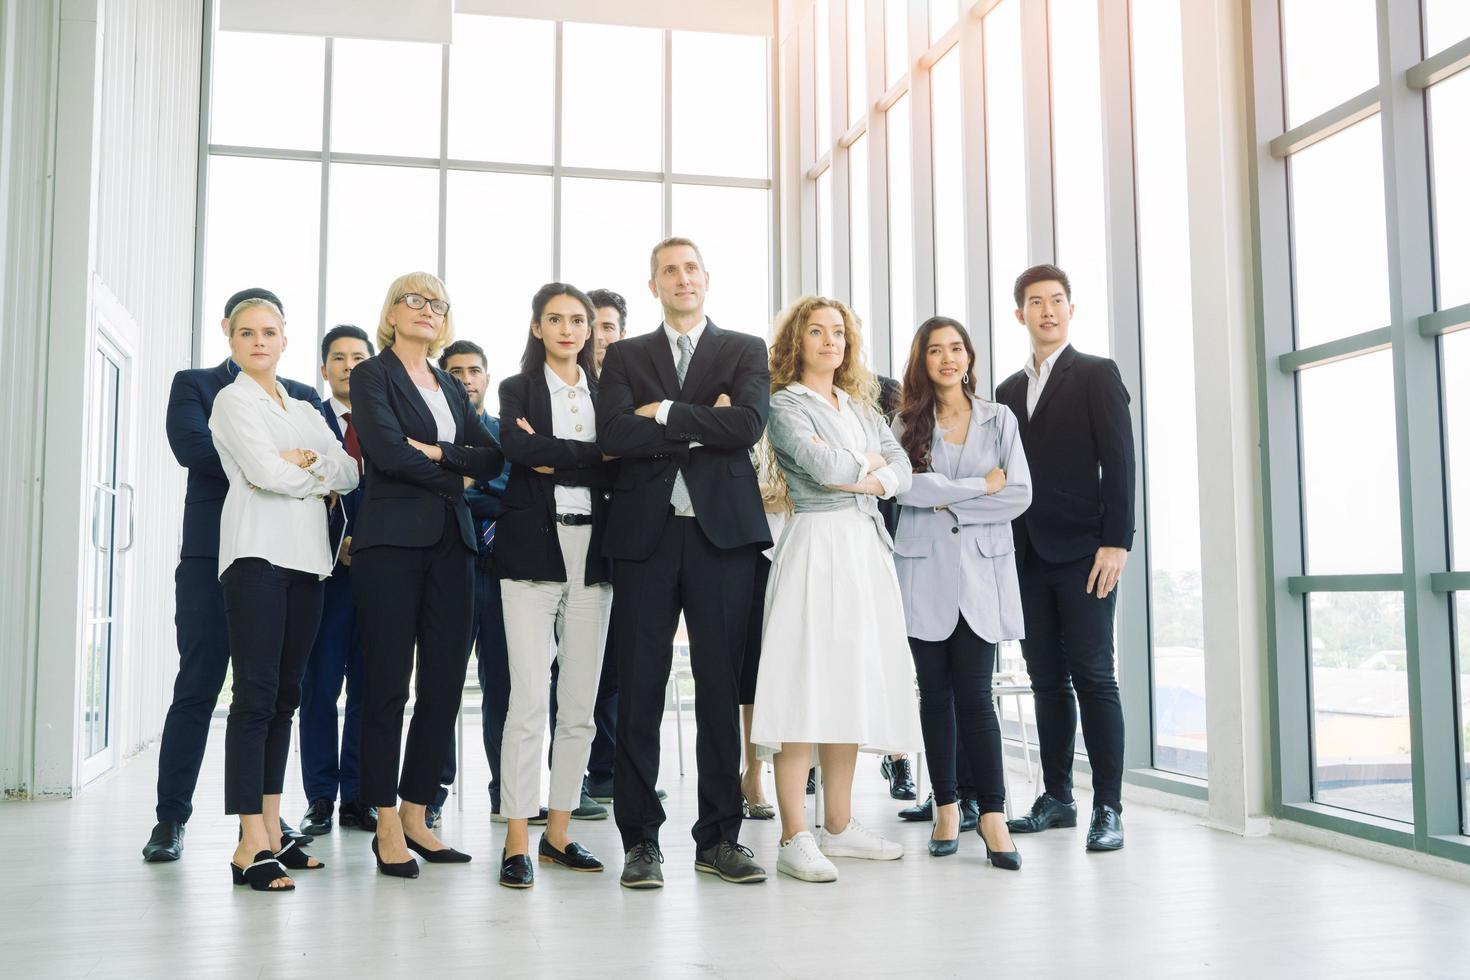 un groupe de professionnels posant les bras croisés photo